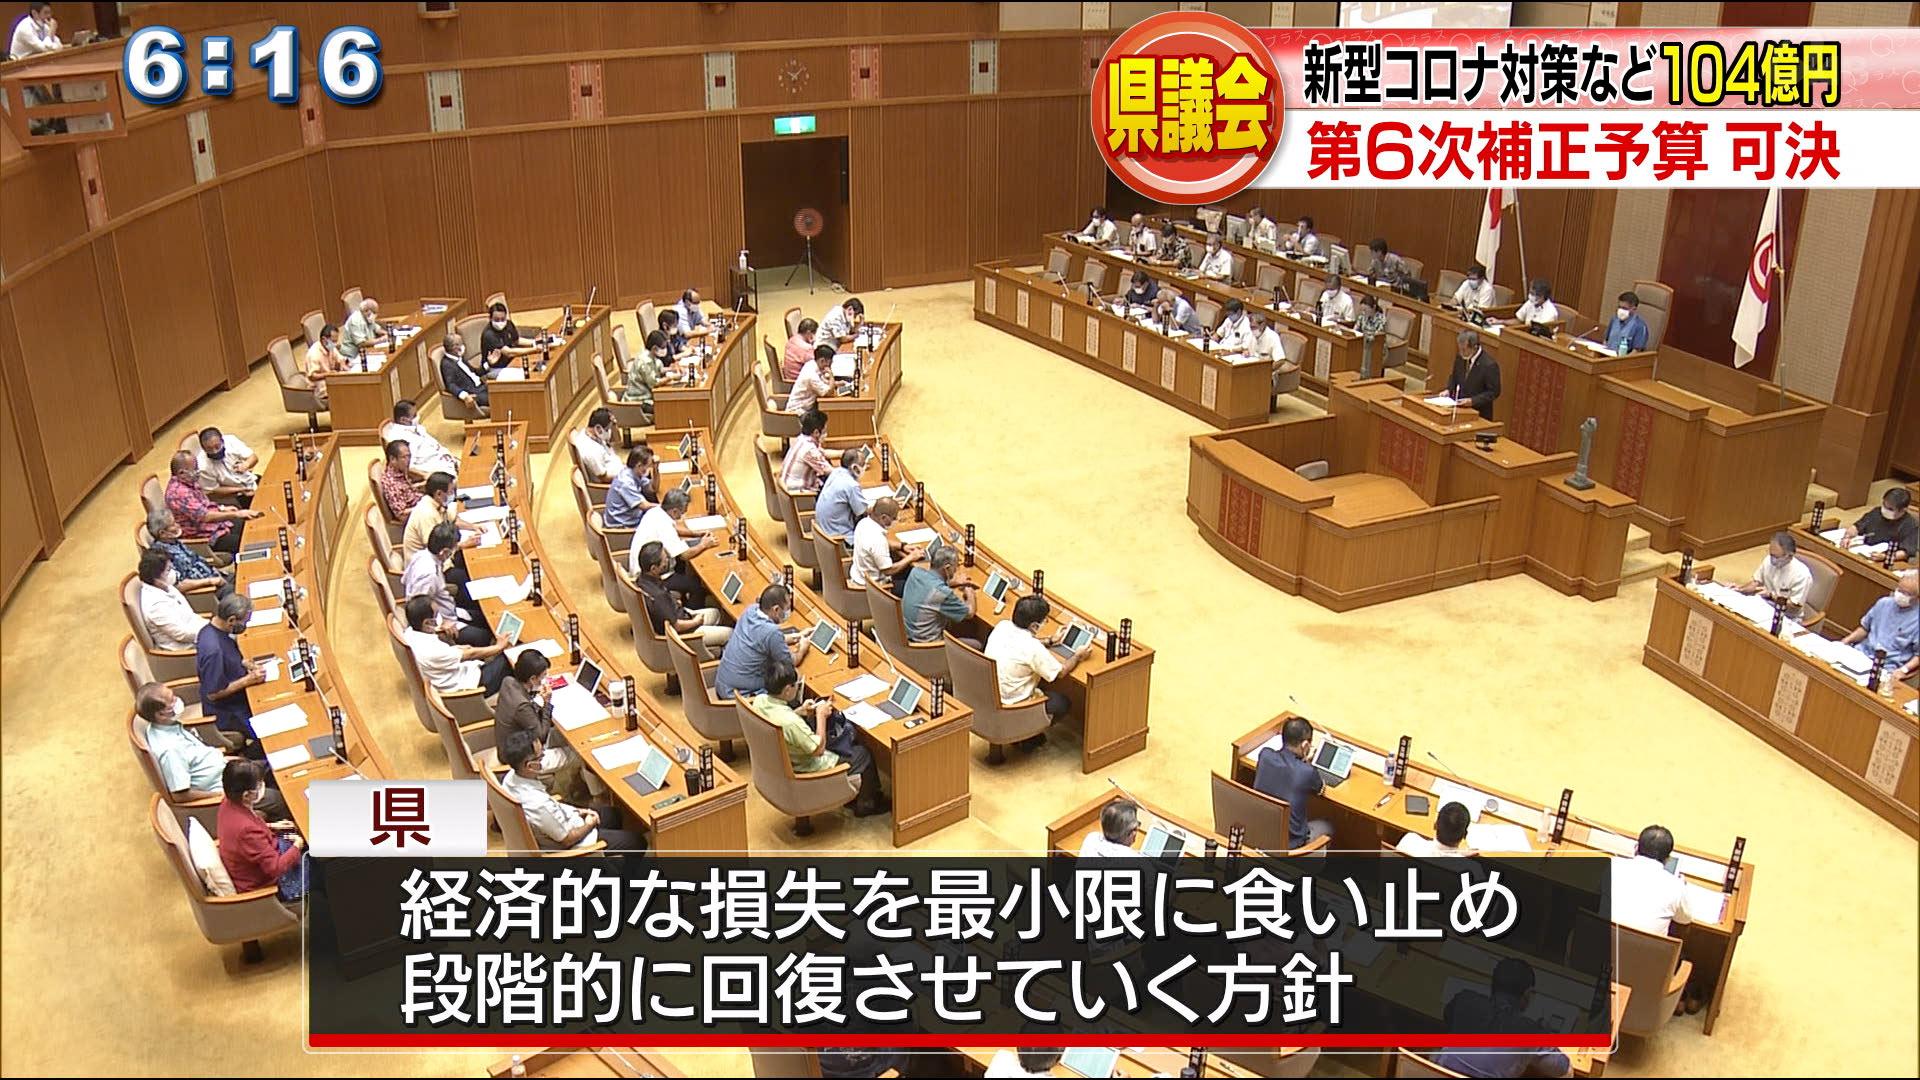 県議会 コロナ対策で104億円の補正予算を可決